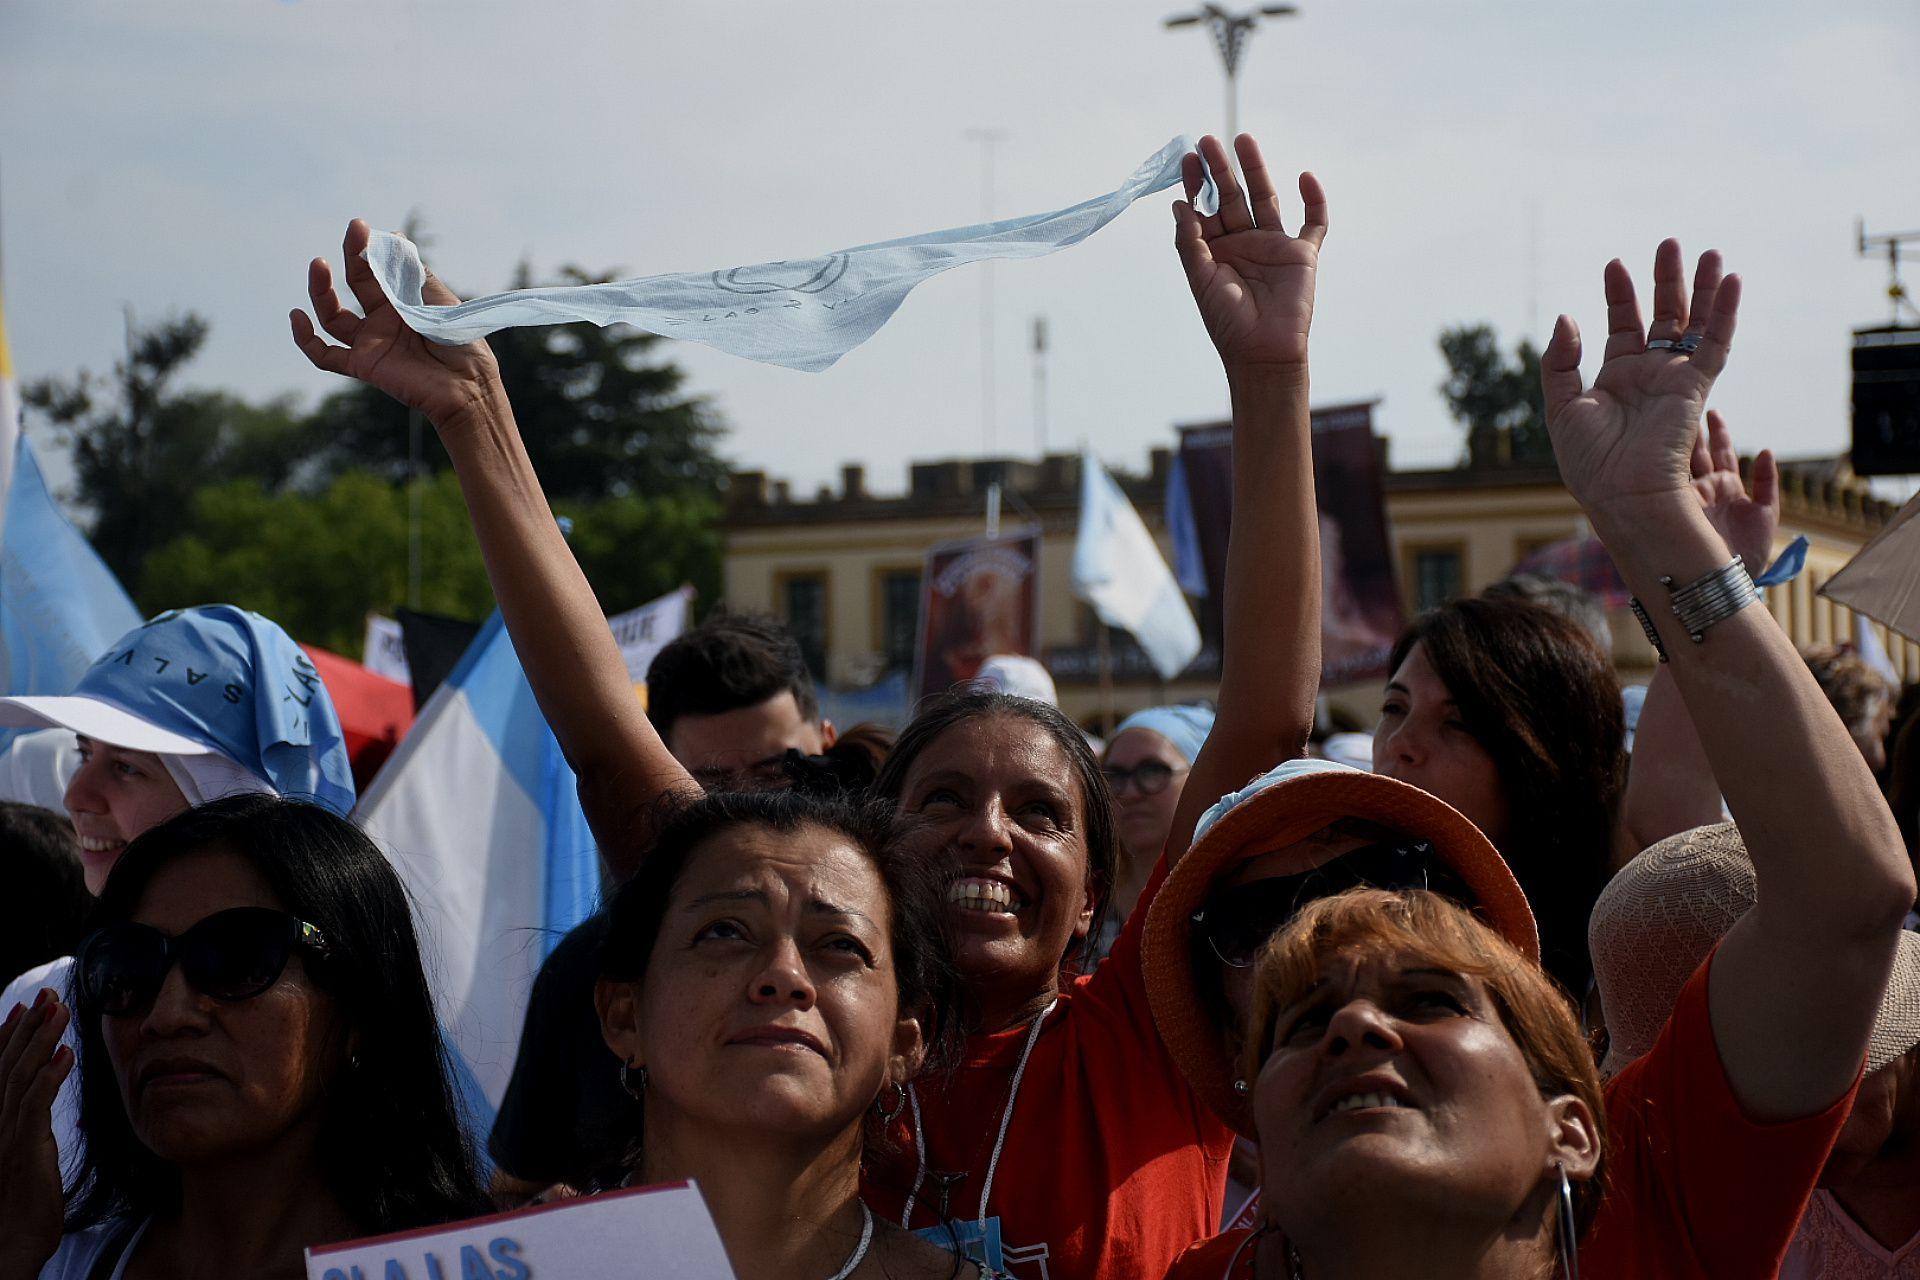 Misa en Luján por las Mujeres y por la Vida y en rechazo al proyecto de legalización del aborto - 8 de Marzo